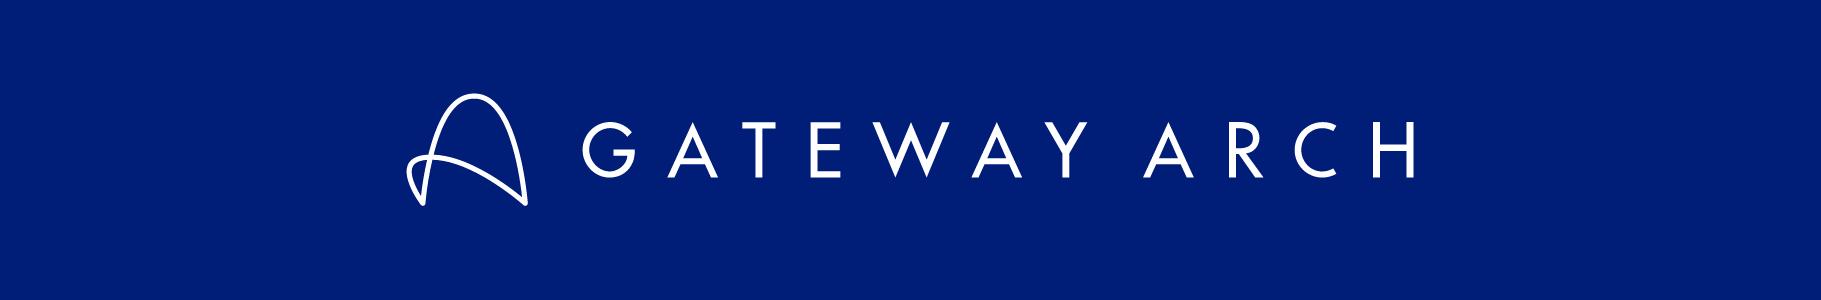 Gateway Arch horizontal logo